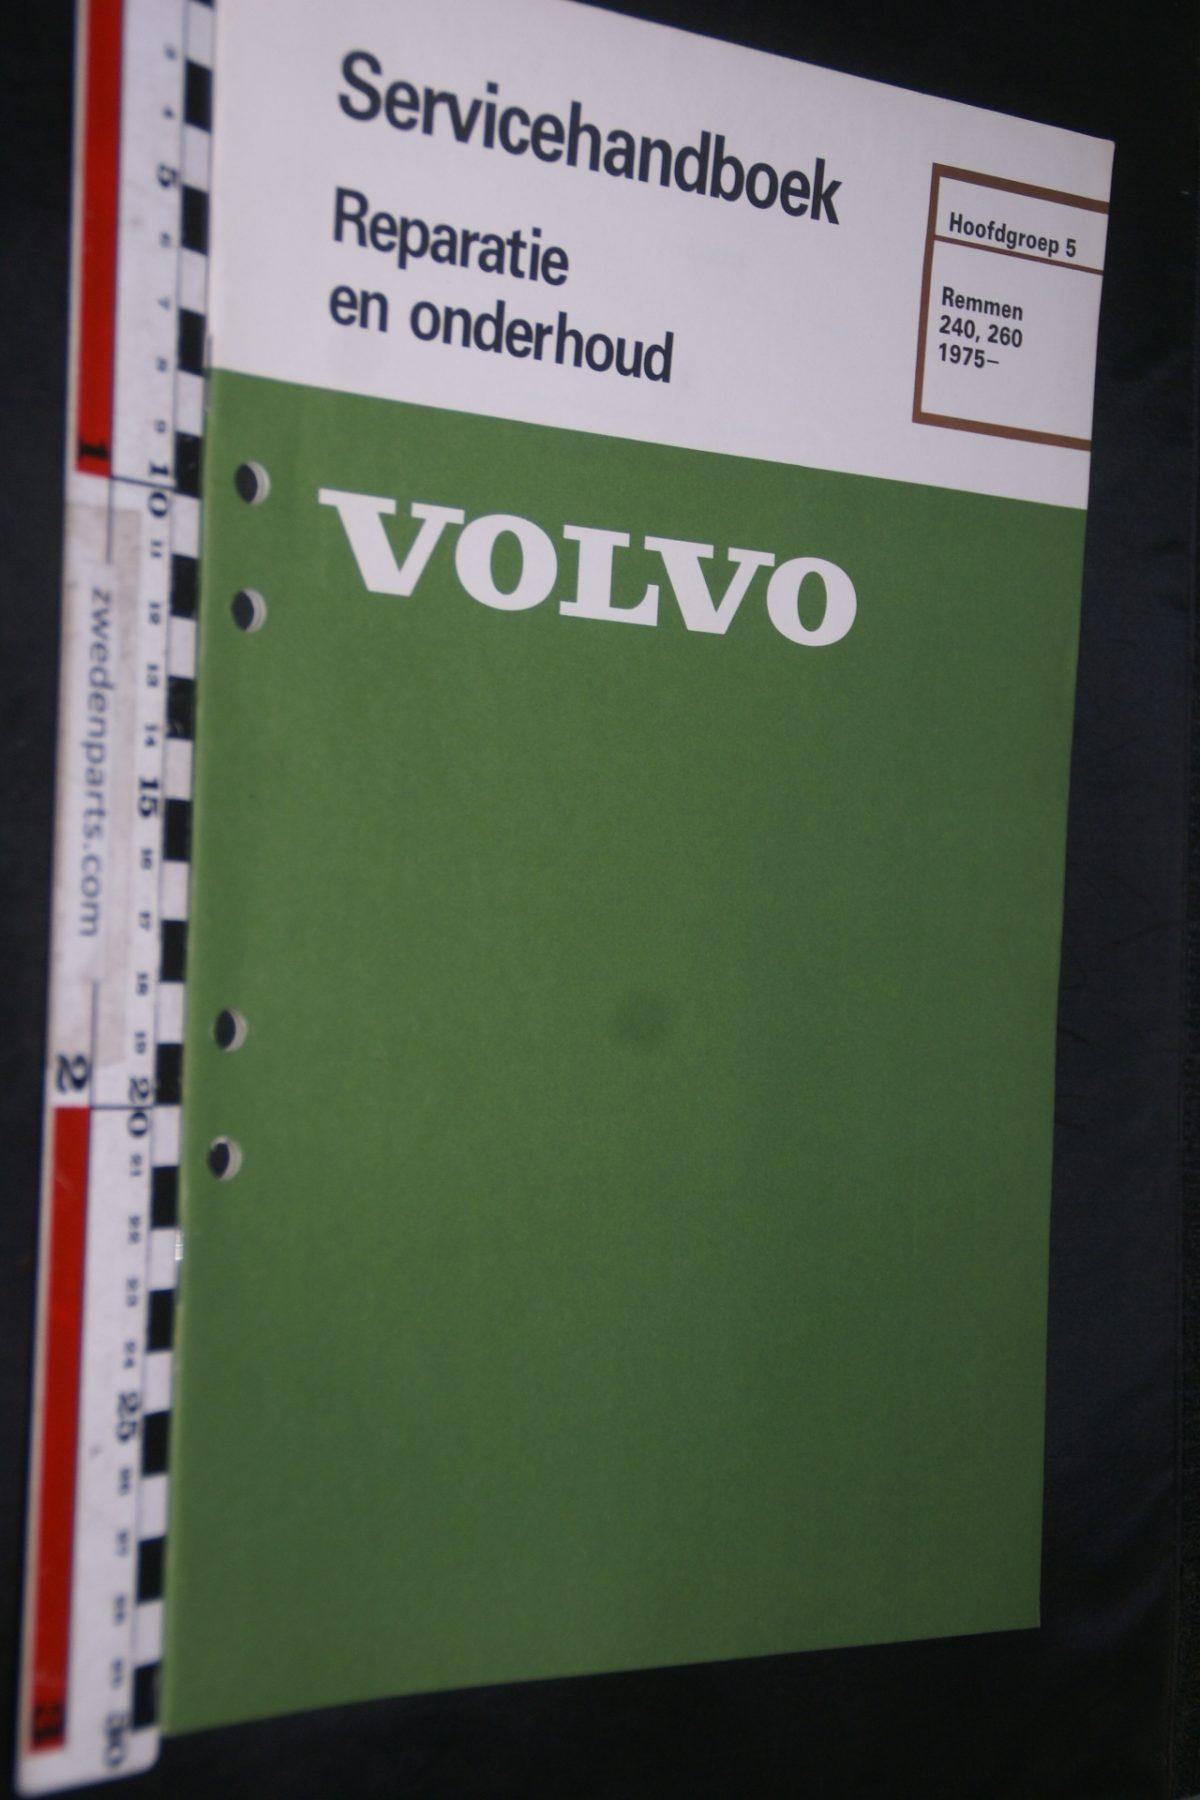 DSC06730 1982 origineel Volvo 240, 260 servicehandboek 5 remmen 1 van 800 TP 11489-2